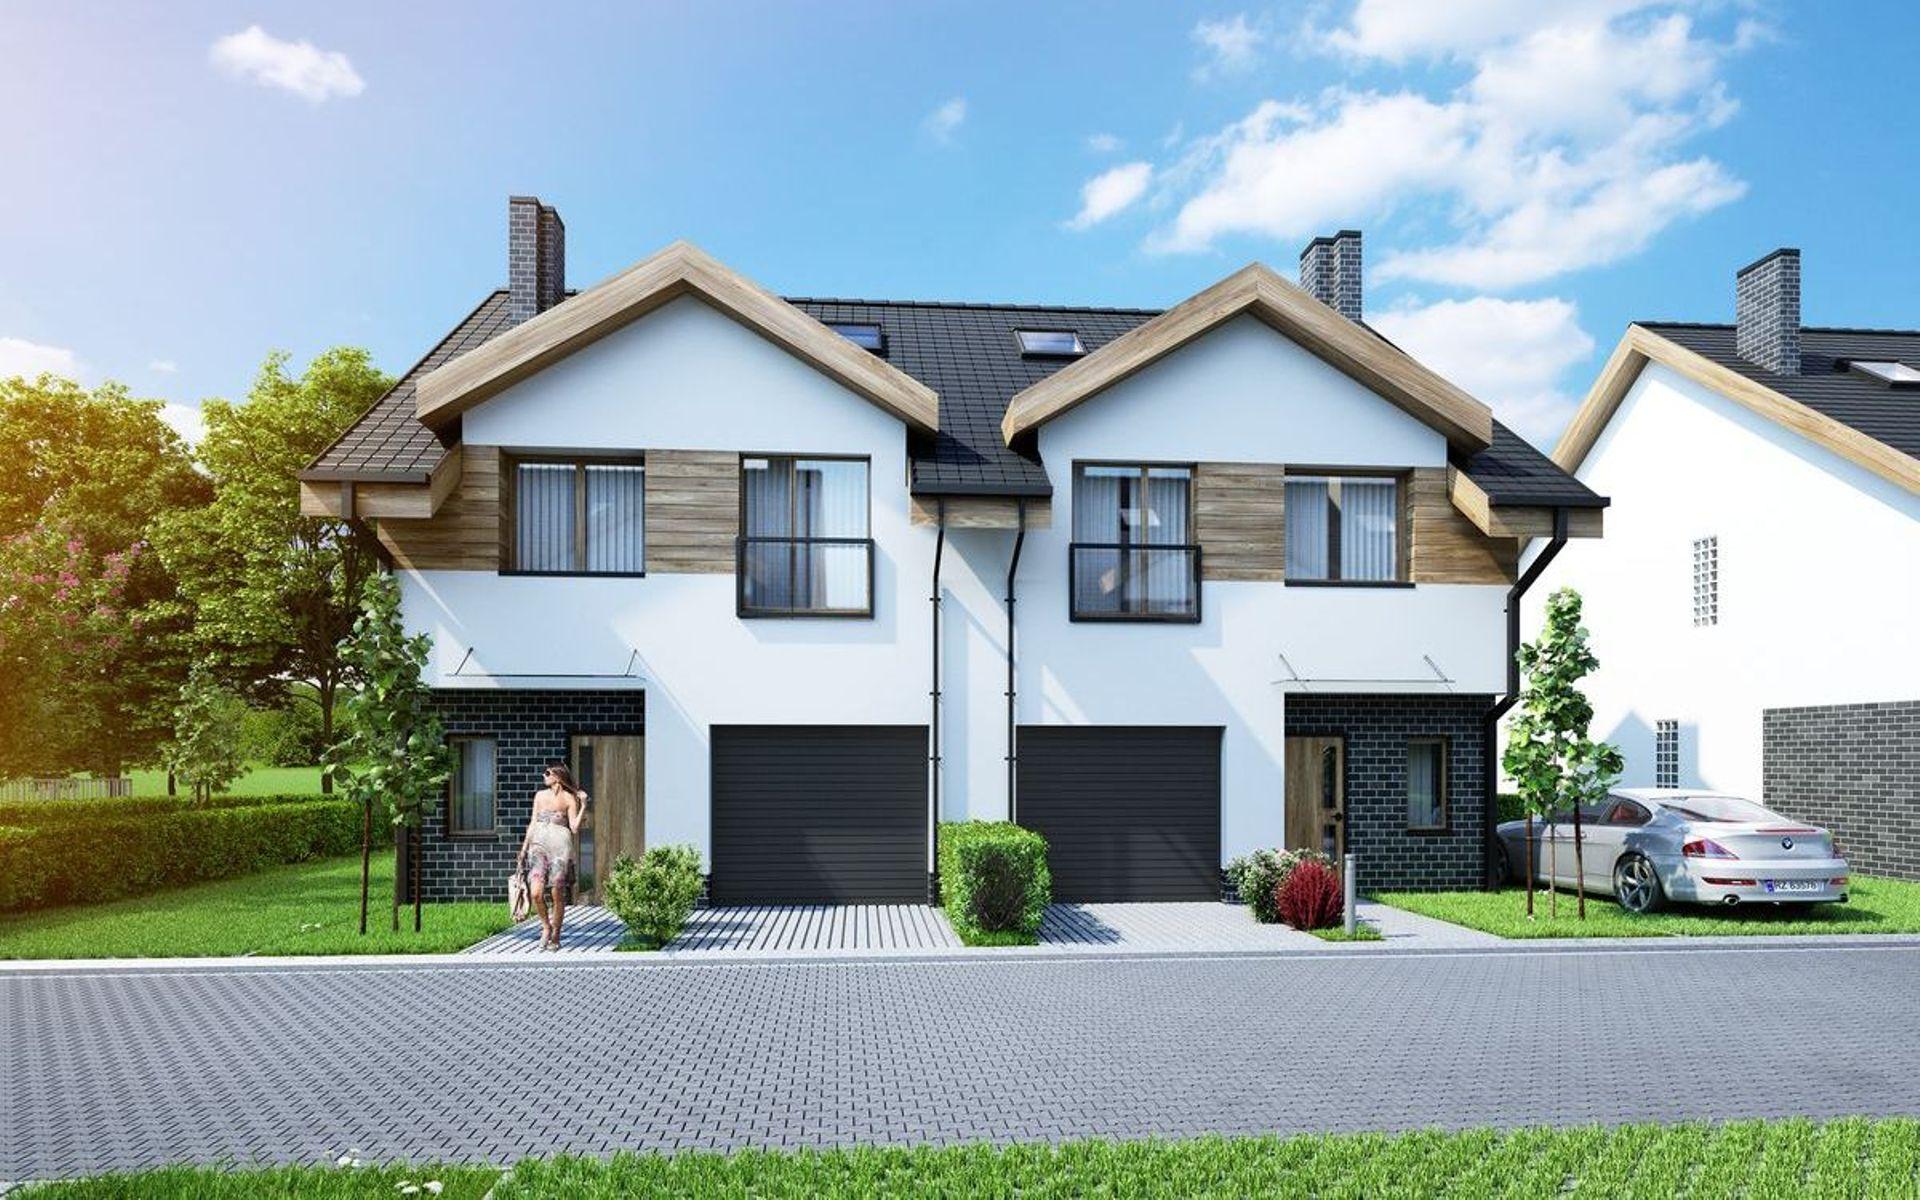 Wrocław: Zaciszny Ołtaszyn – M3 Invest ruszy wkrótce z budową ponad 40 domów